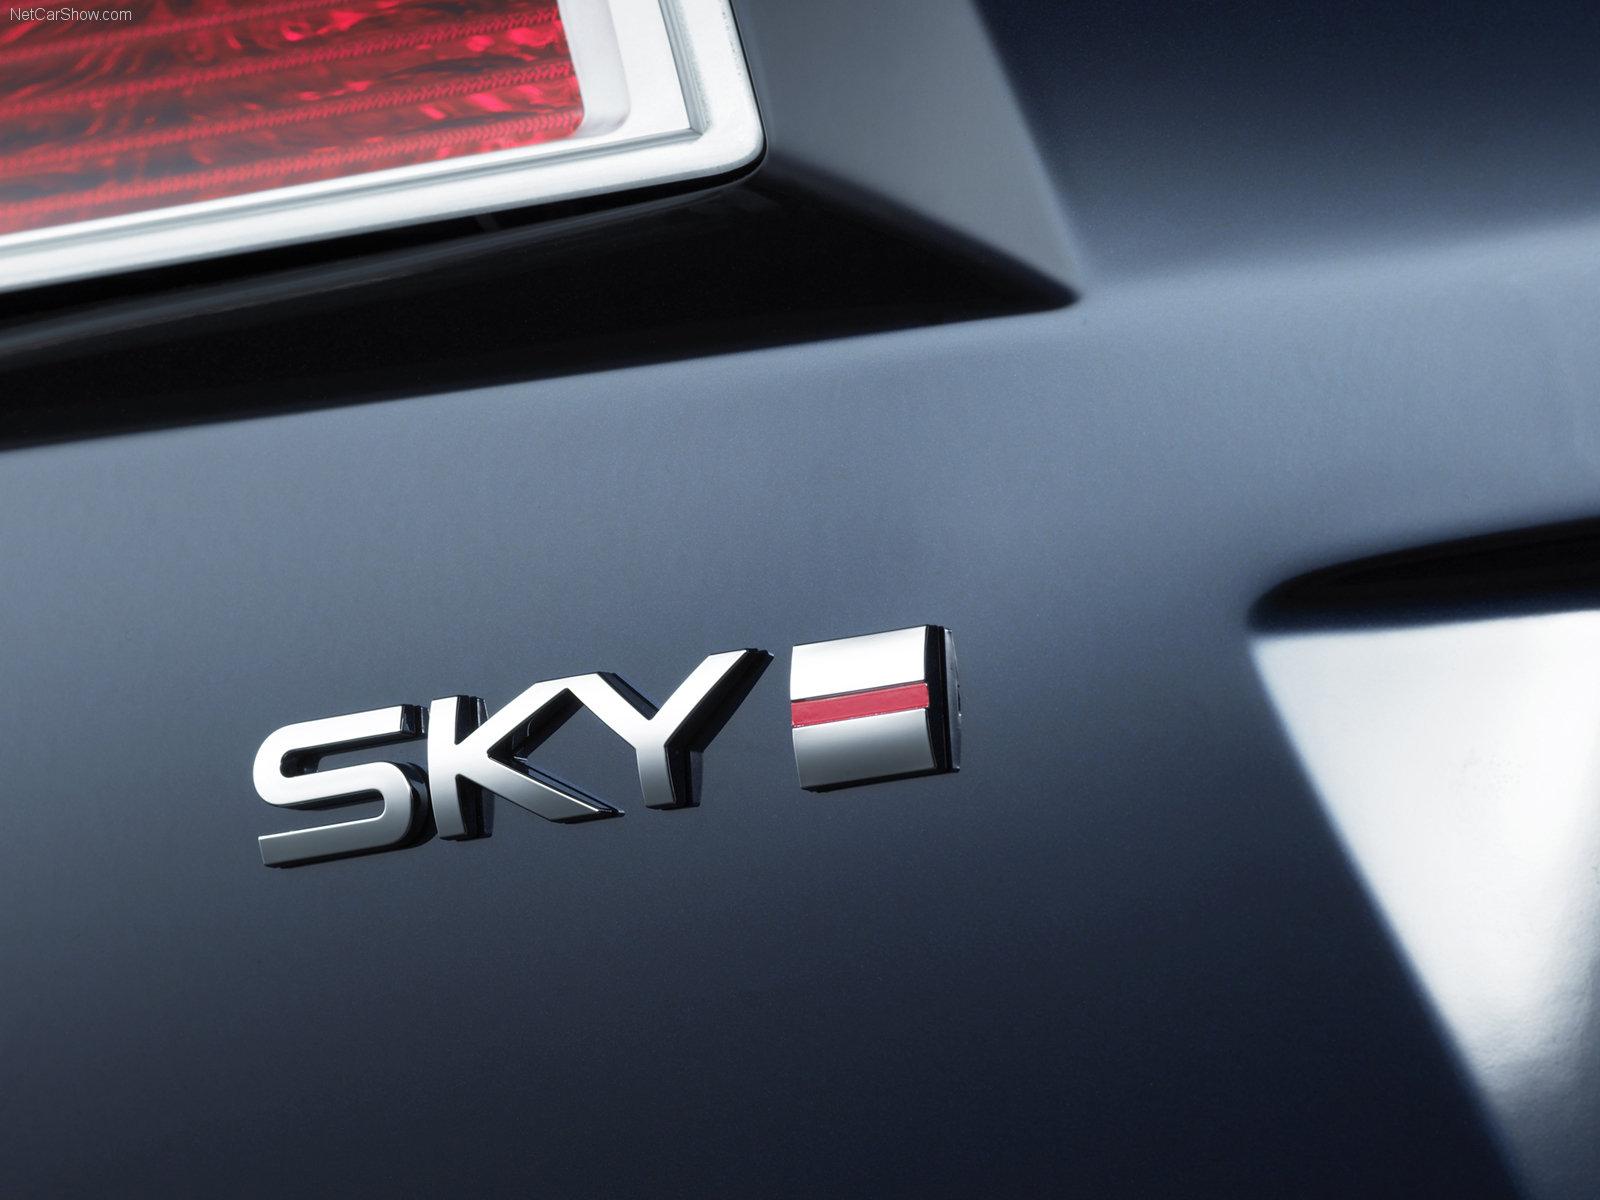 Hình ảnh xe ô tô Saturn Sky Red Line 2007 & nội ngoại thất